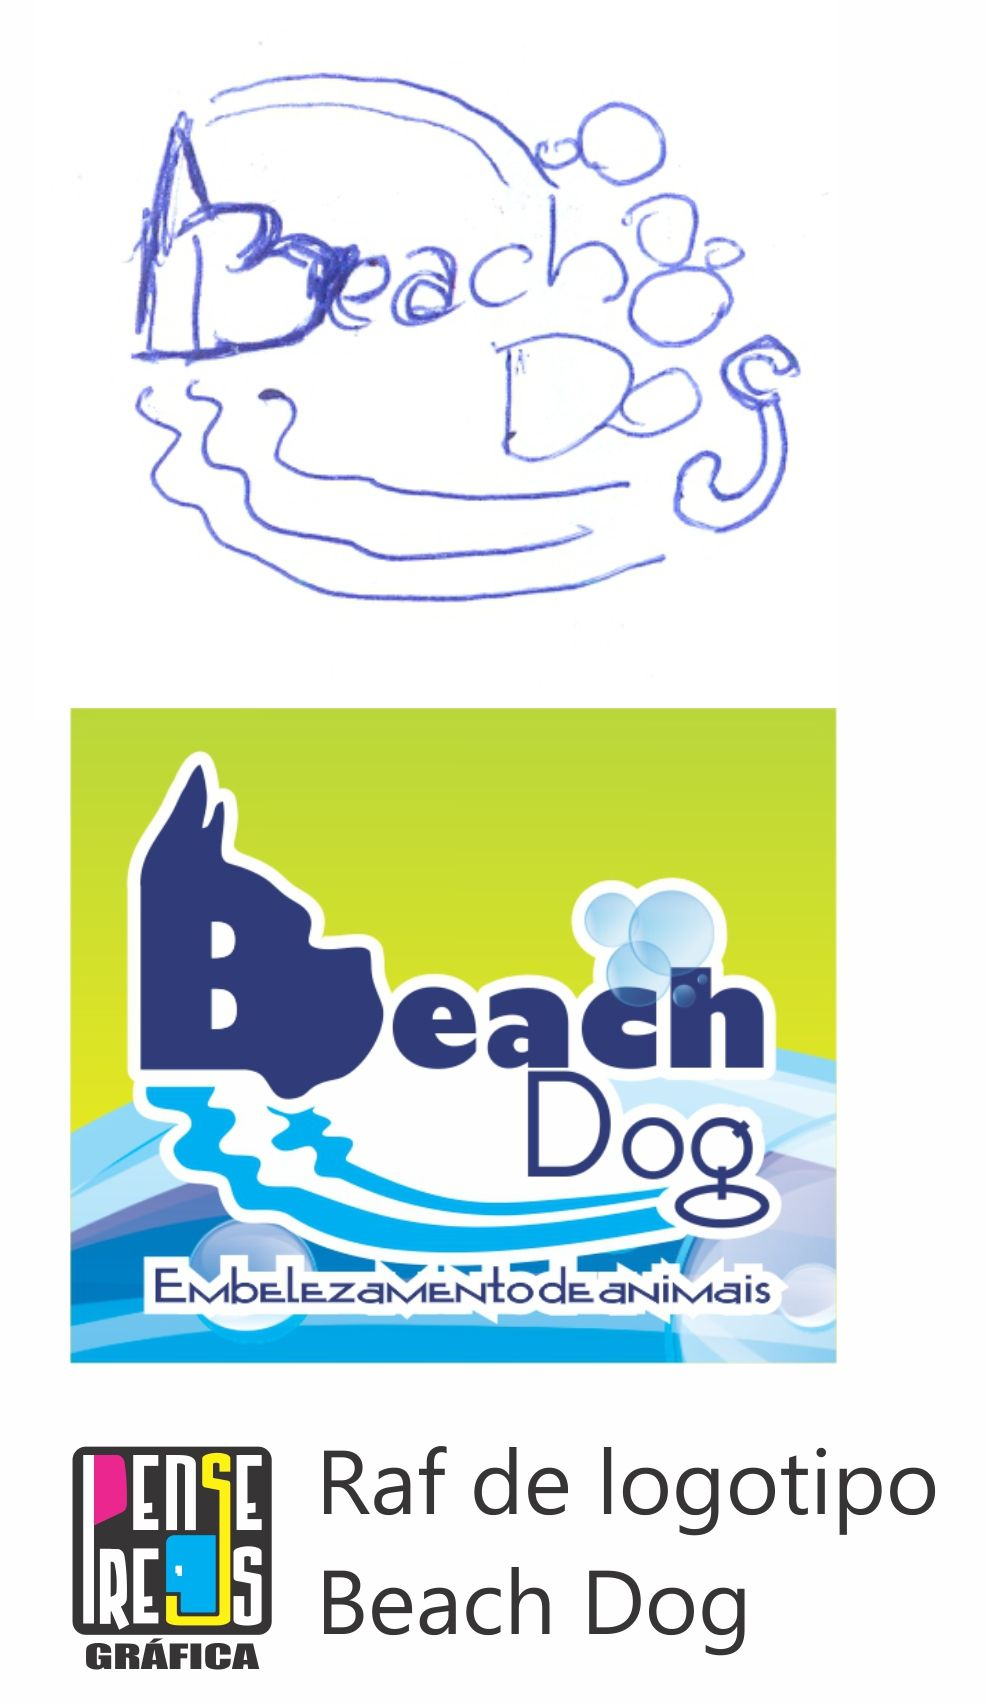 Raf de logotipo. Job Beach Dog